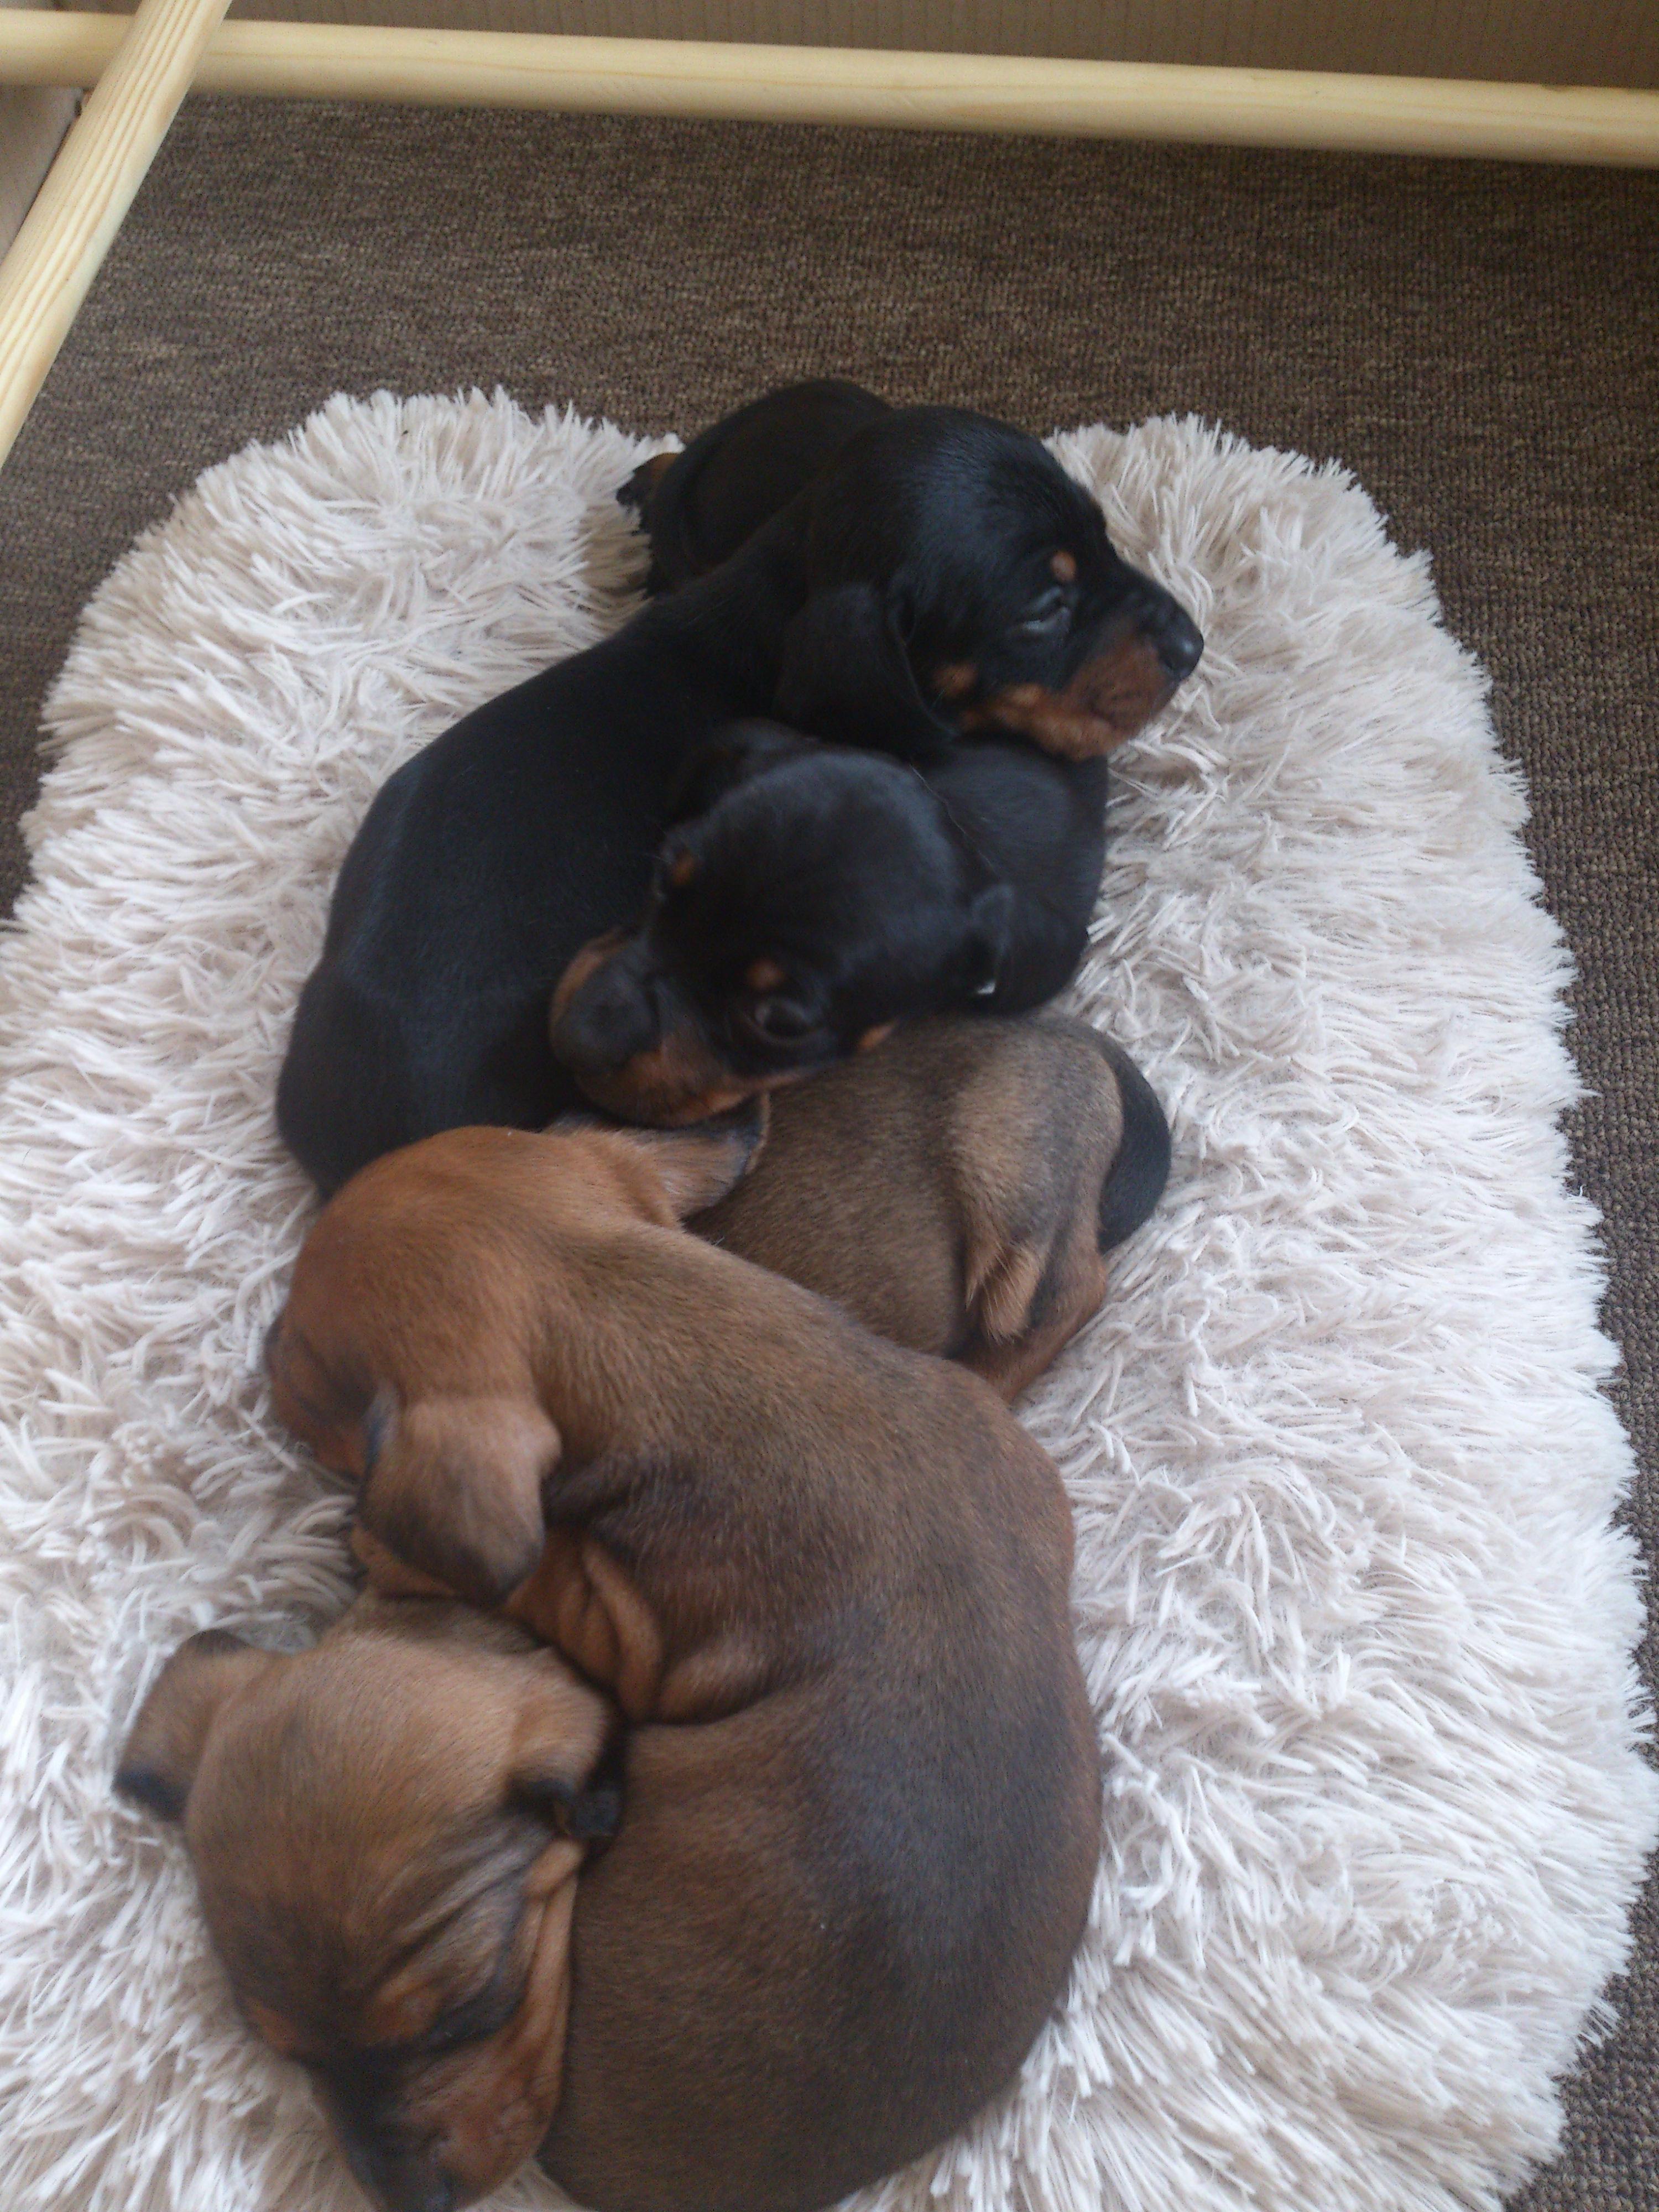 Dachshund Puppy Four Pack Dachshund Puppies Dachshund Love Dog